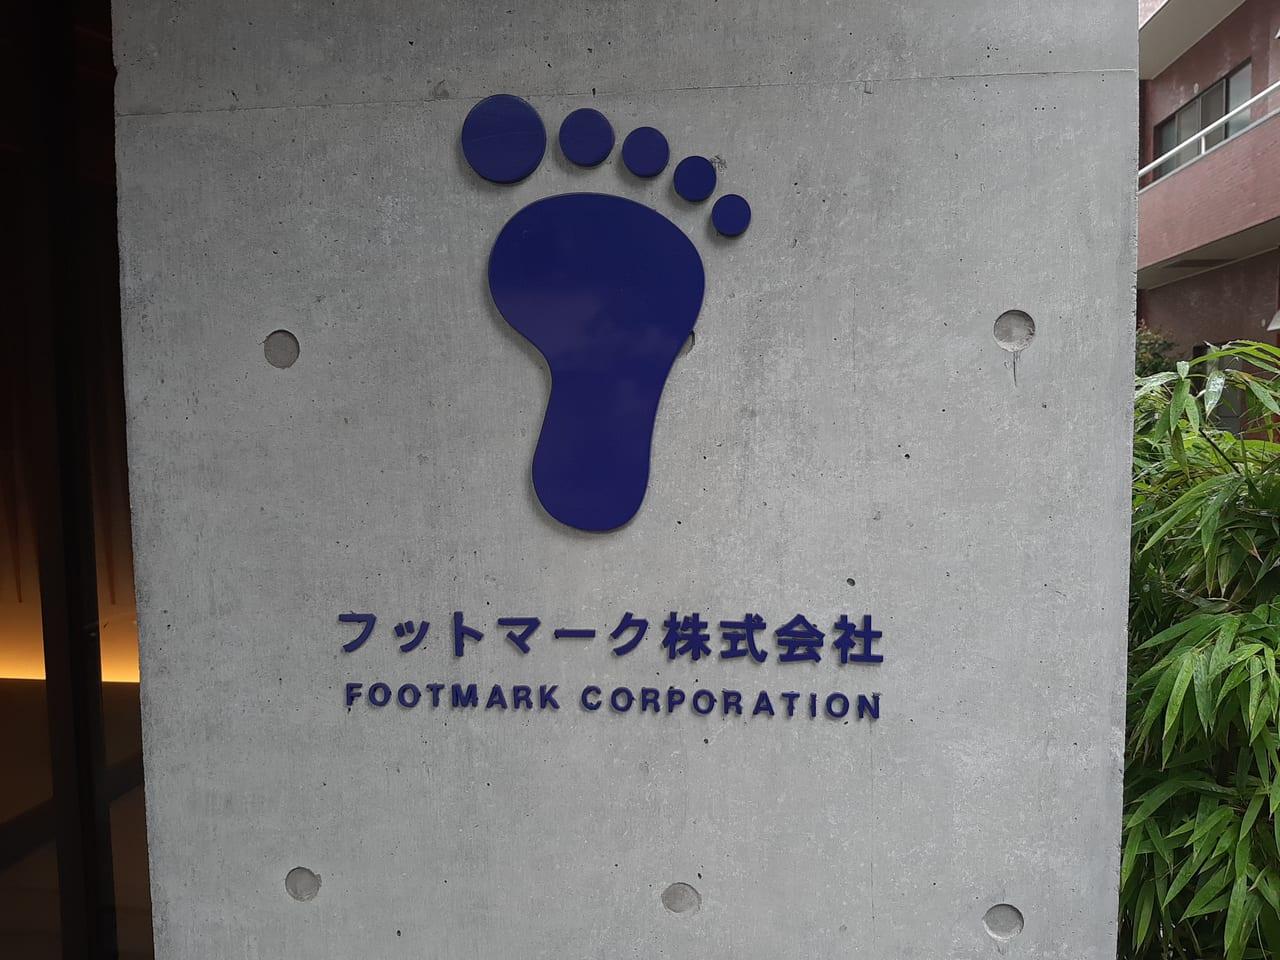 フットマークロゴ